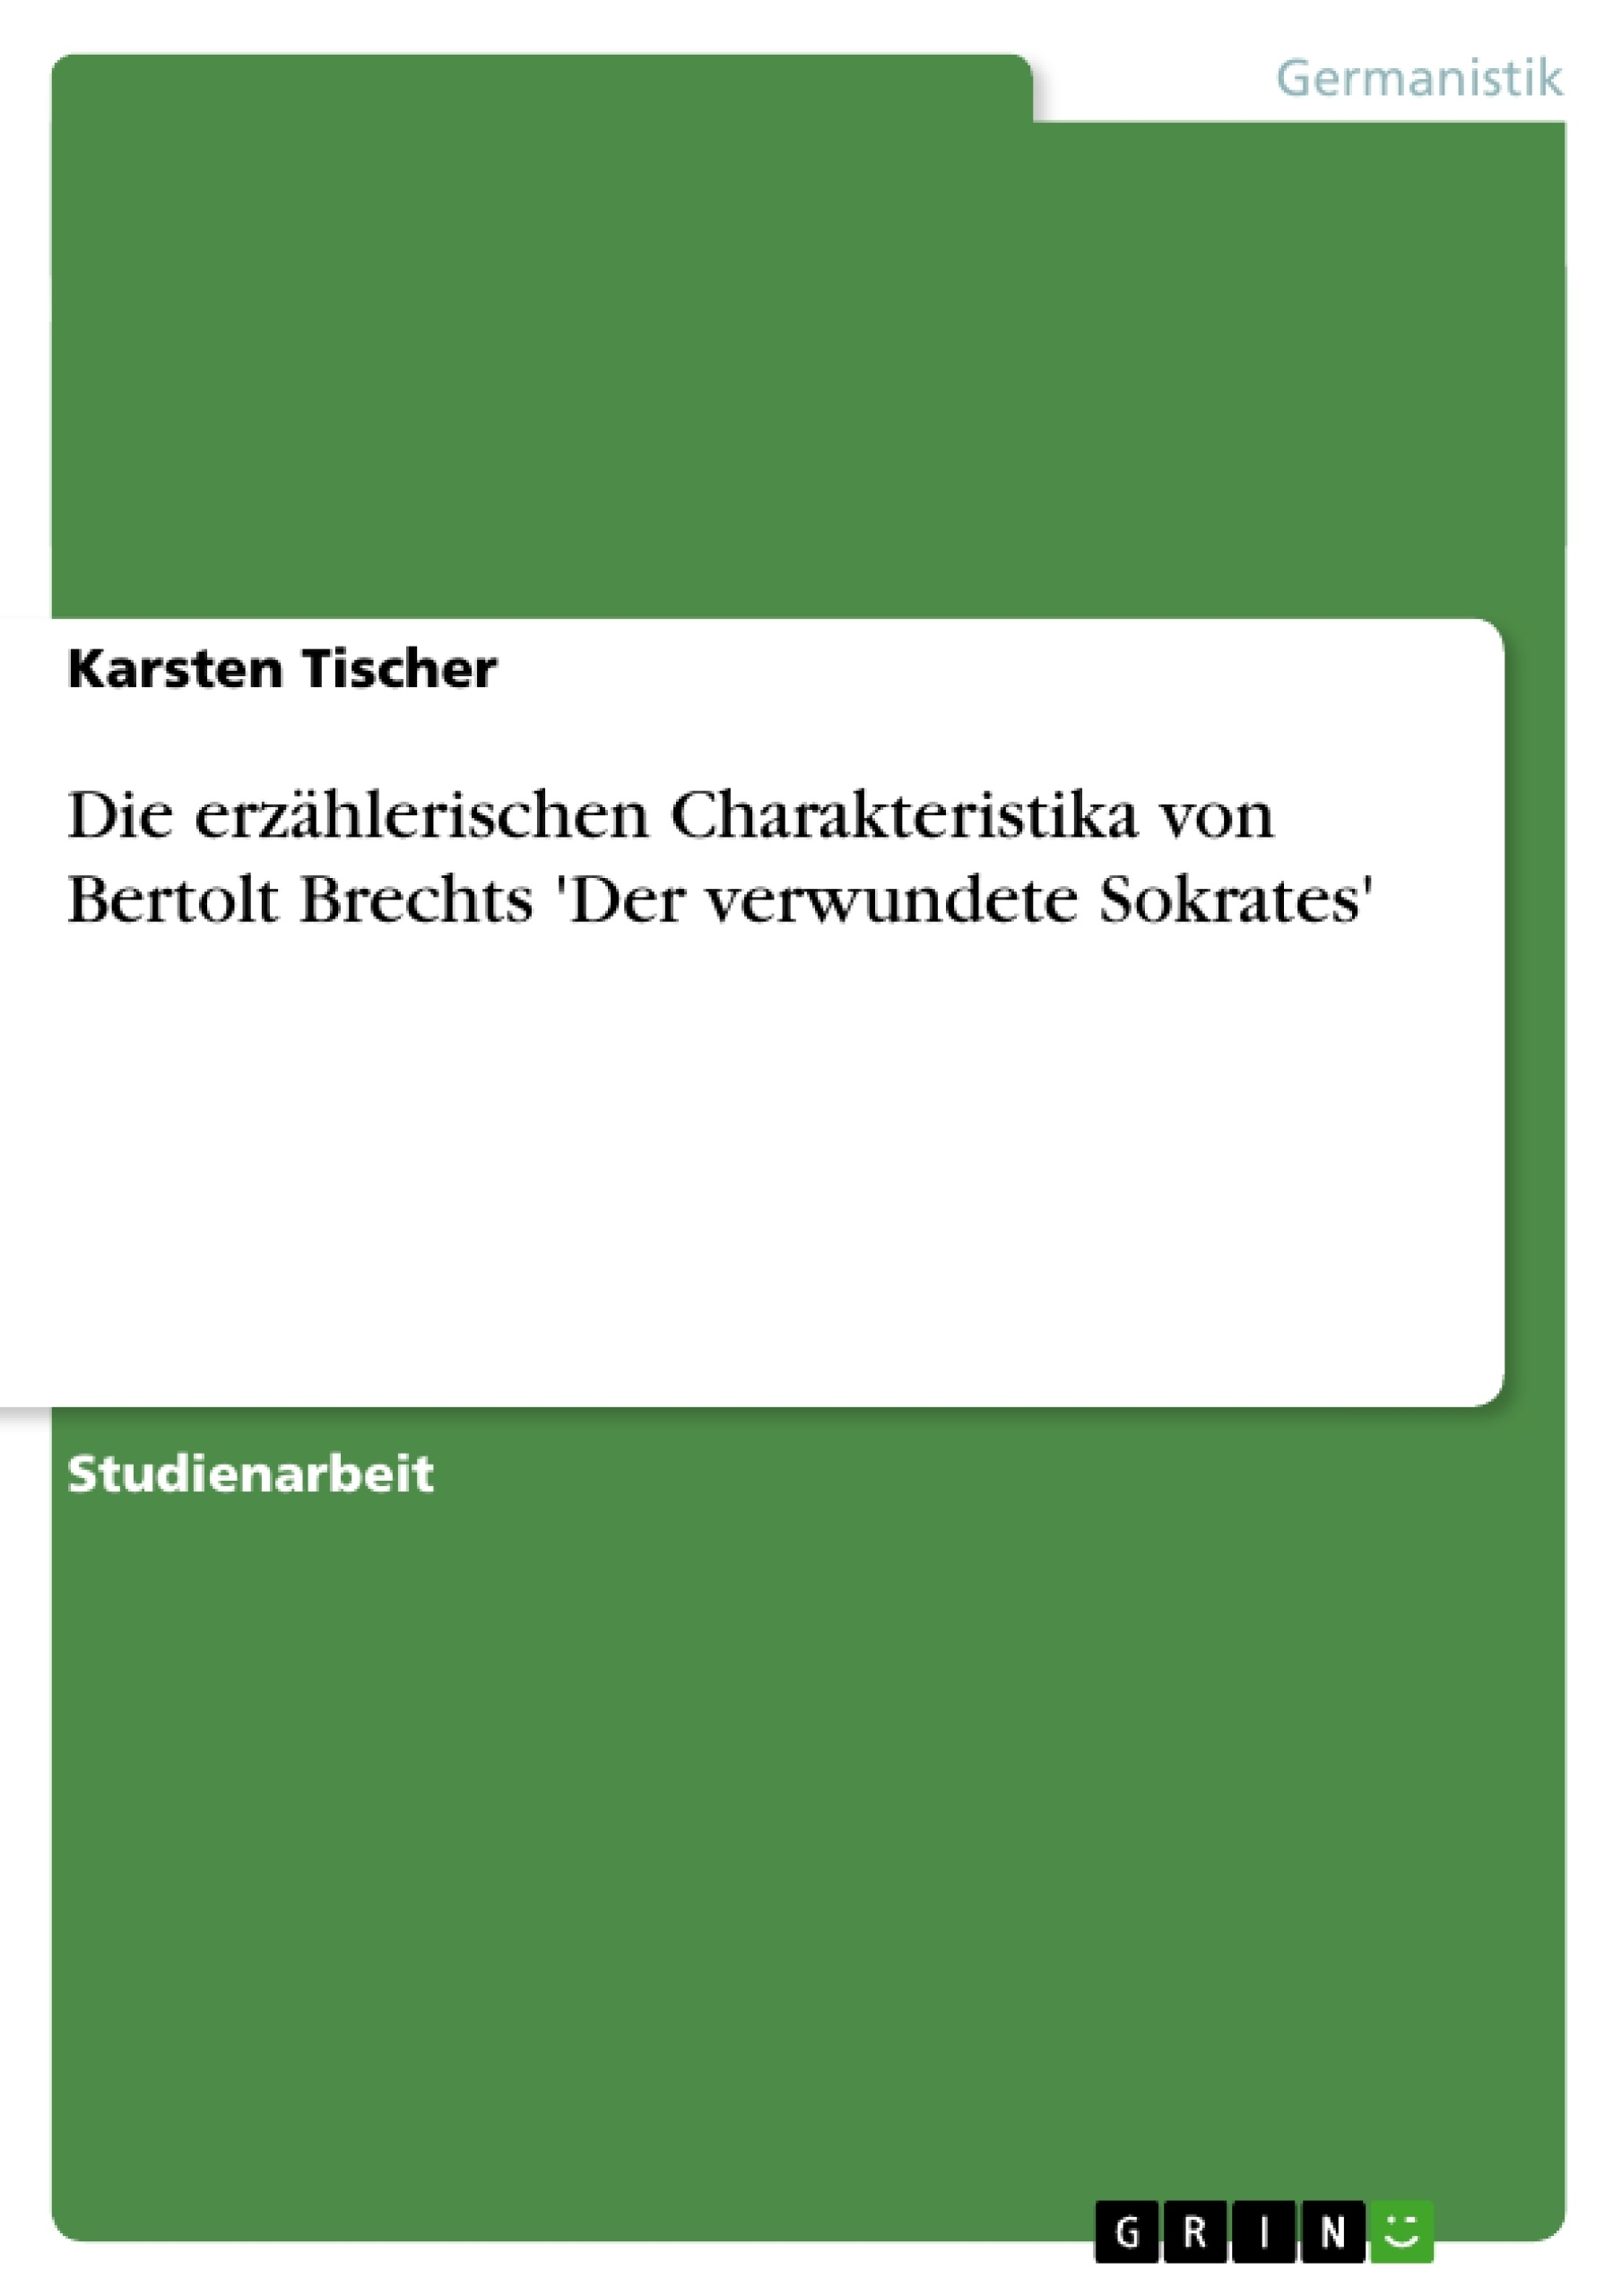 Titel: Die erzählerischen Charakteristika von Bertolt Brechts 'Der verwundete Sokrates'